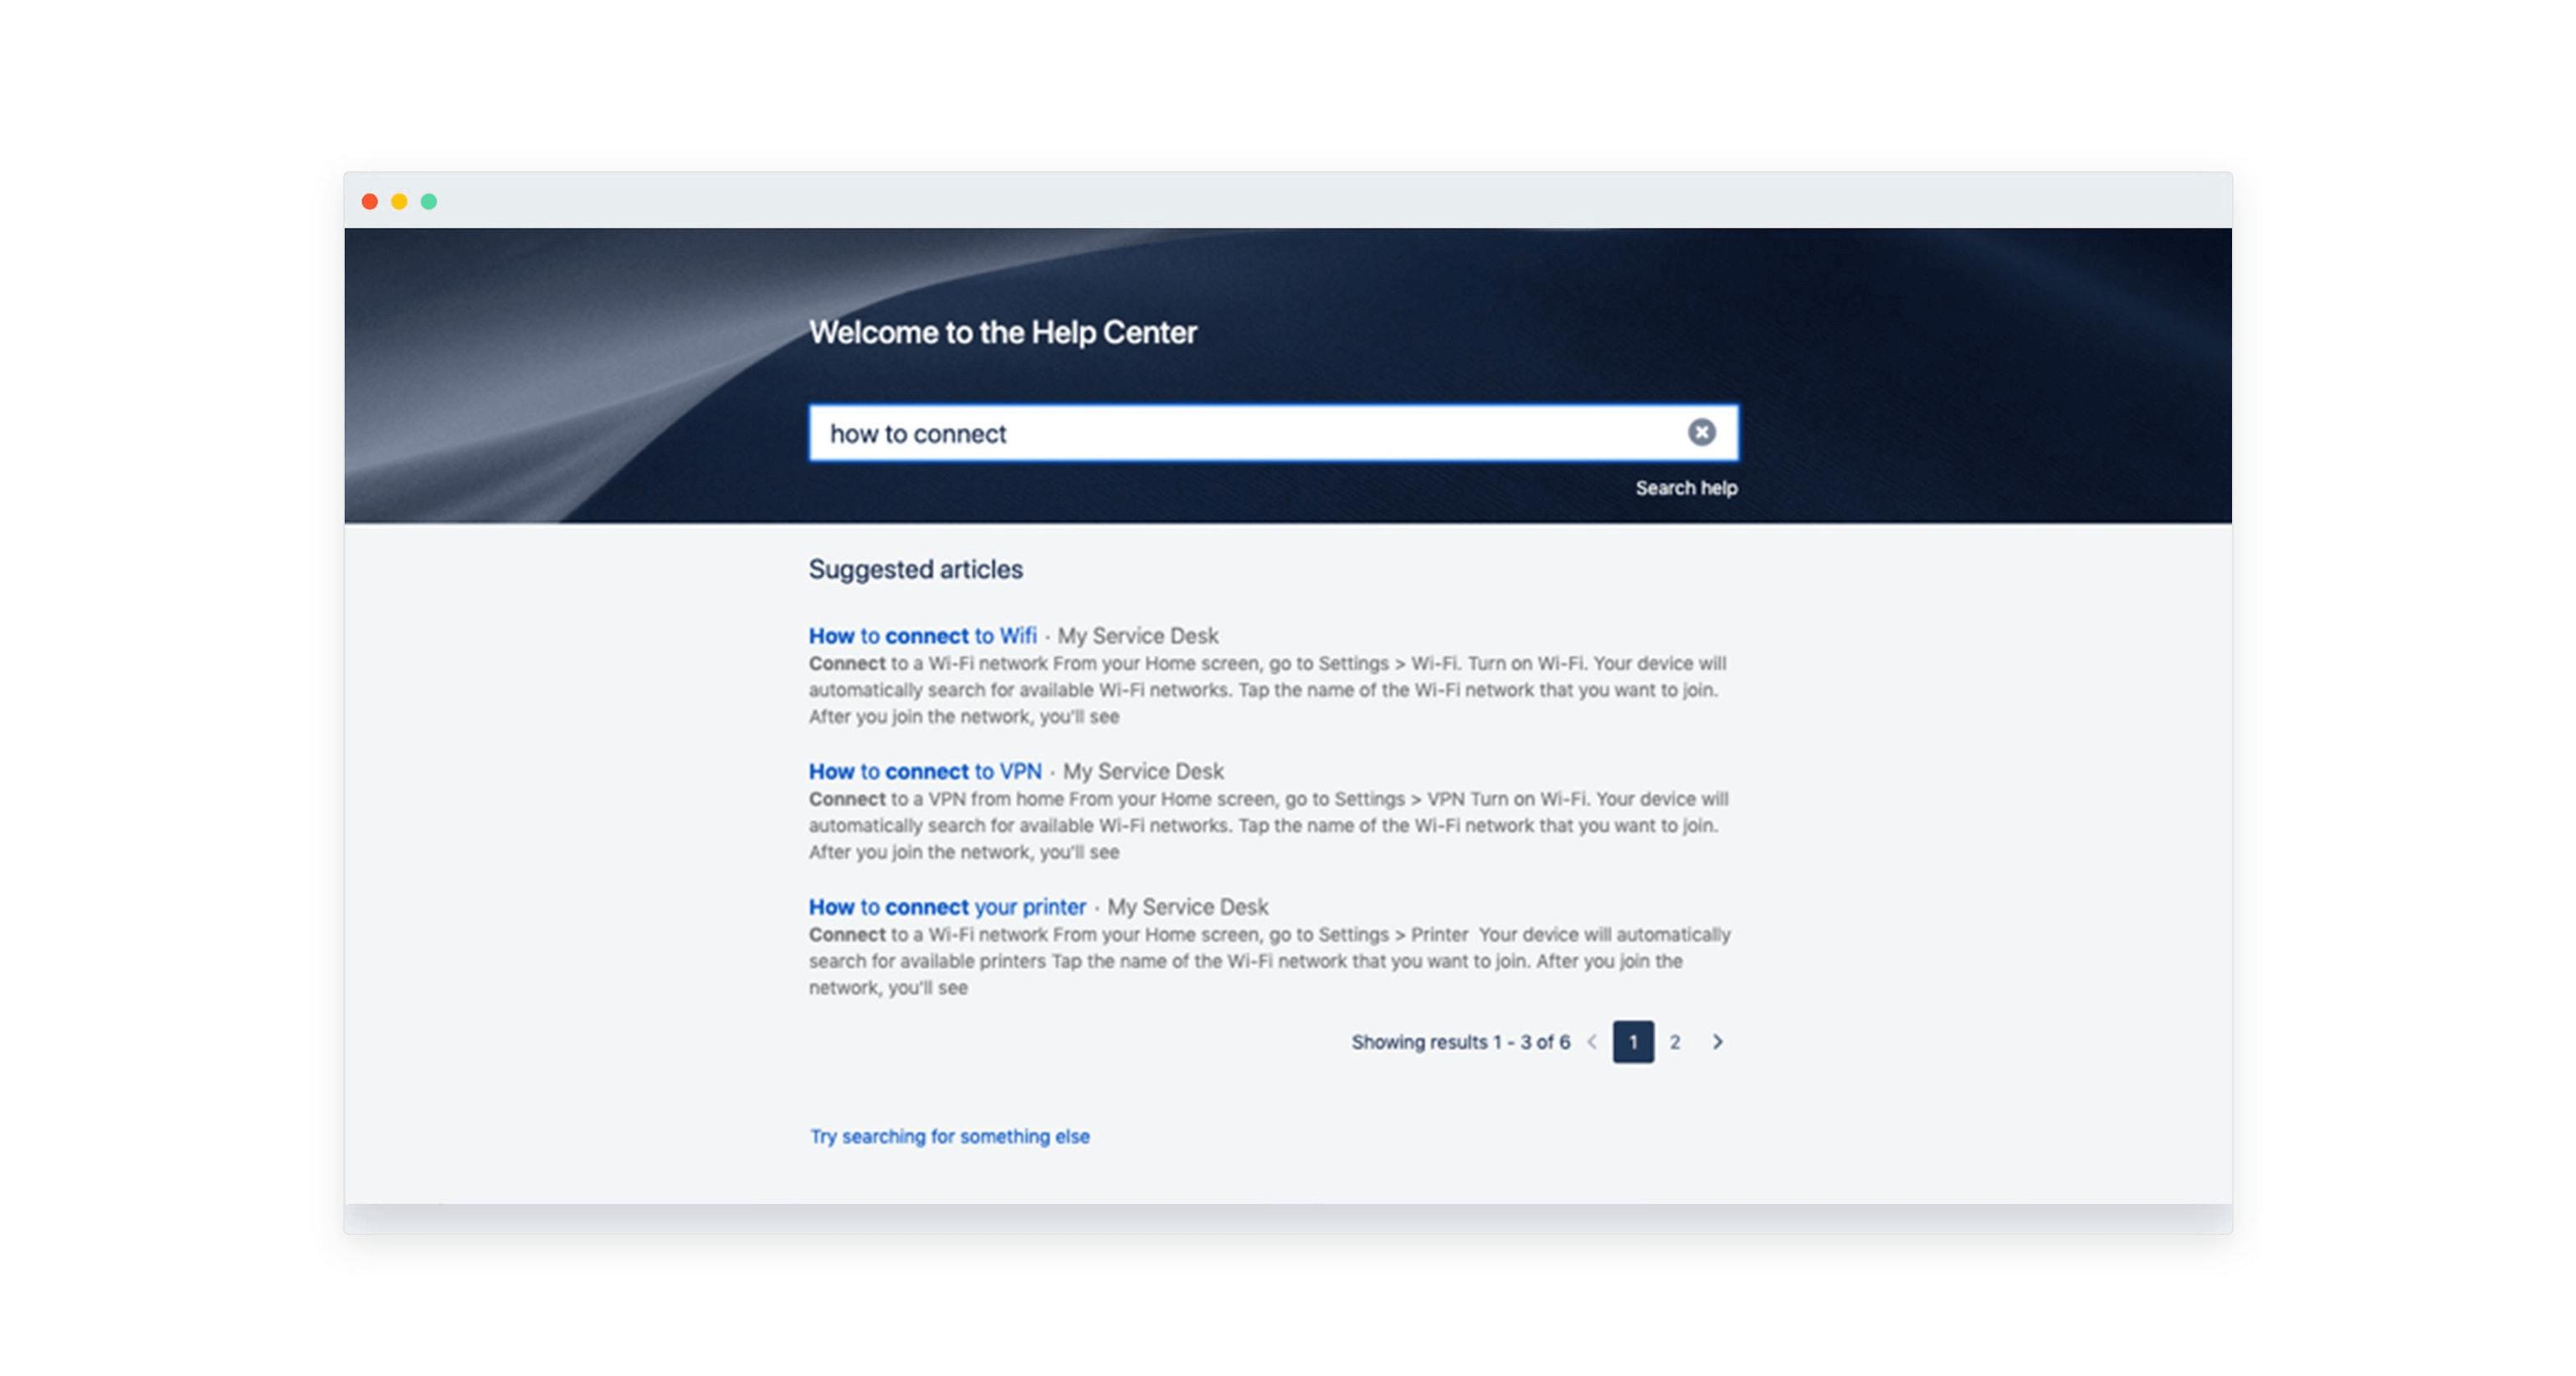 Jira Service Desk portal search experience